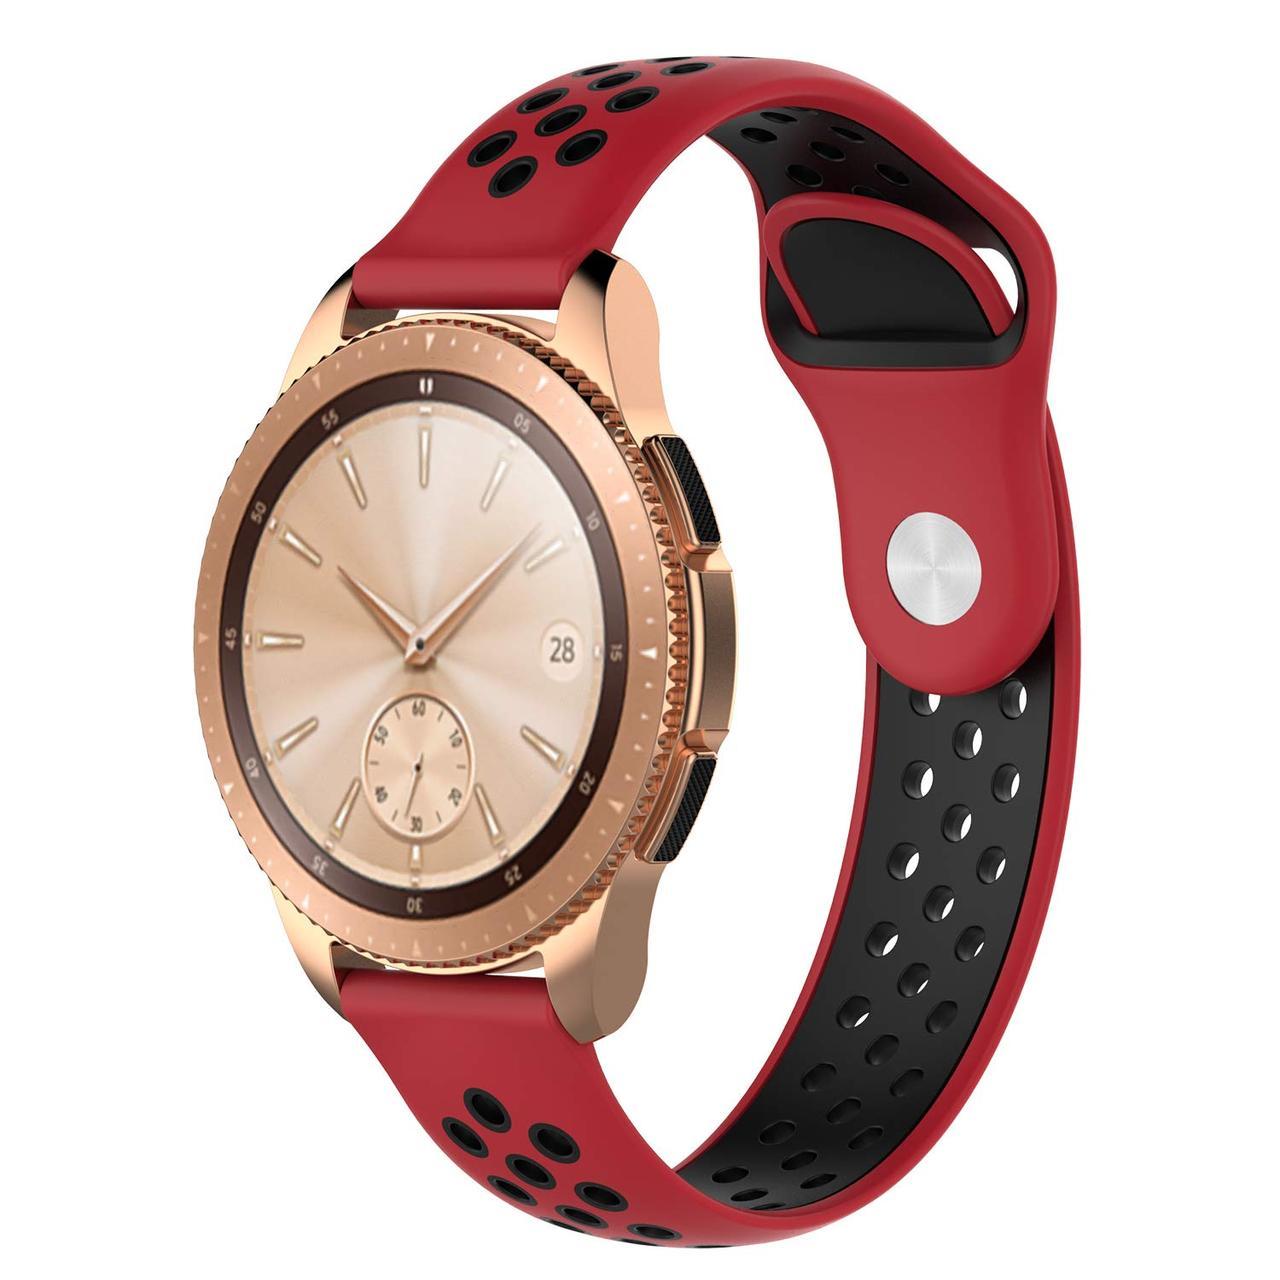 Ремешок BeWatch sport-style для Samsung Active| Active 2 | Galaxy watch 42 mm Красно-Черный (1010131)